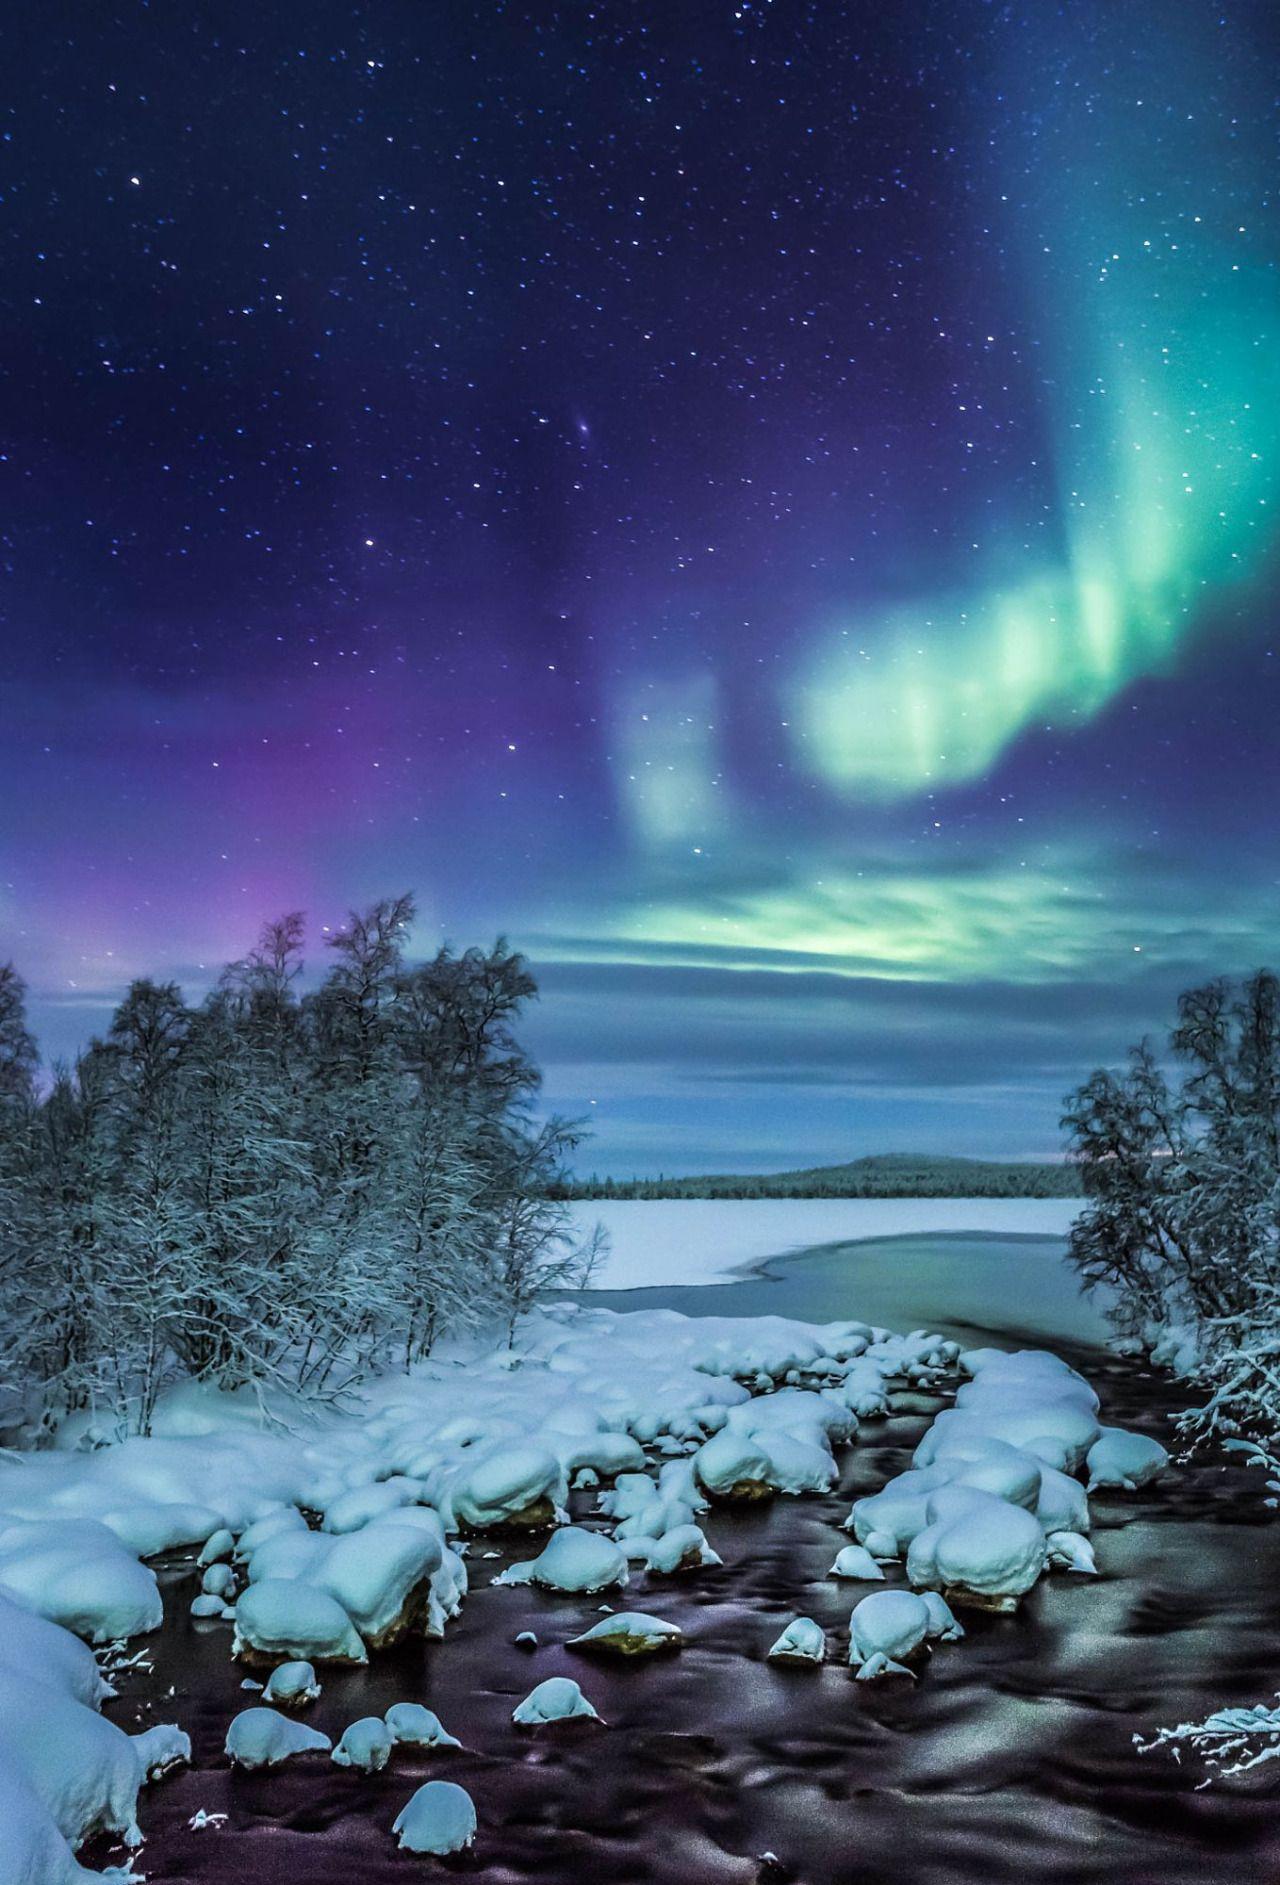 Flaming Sky by Antti Kulmanen